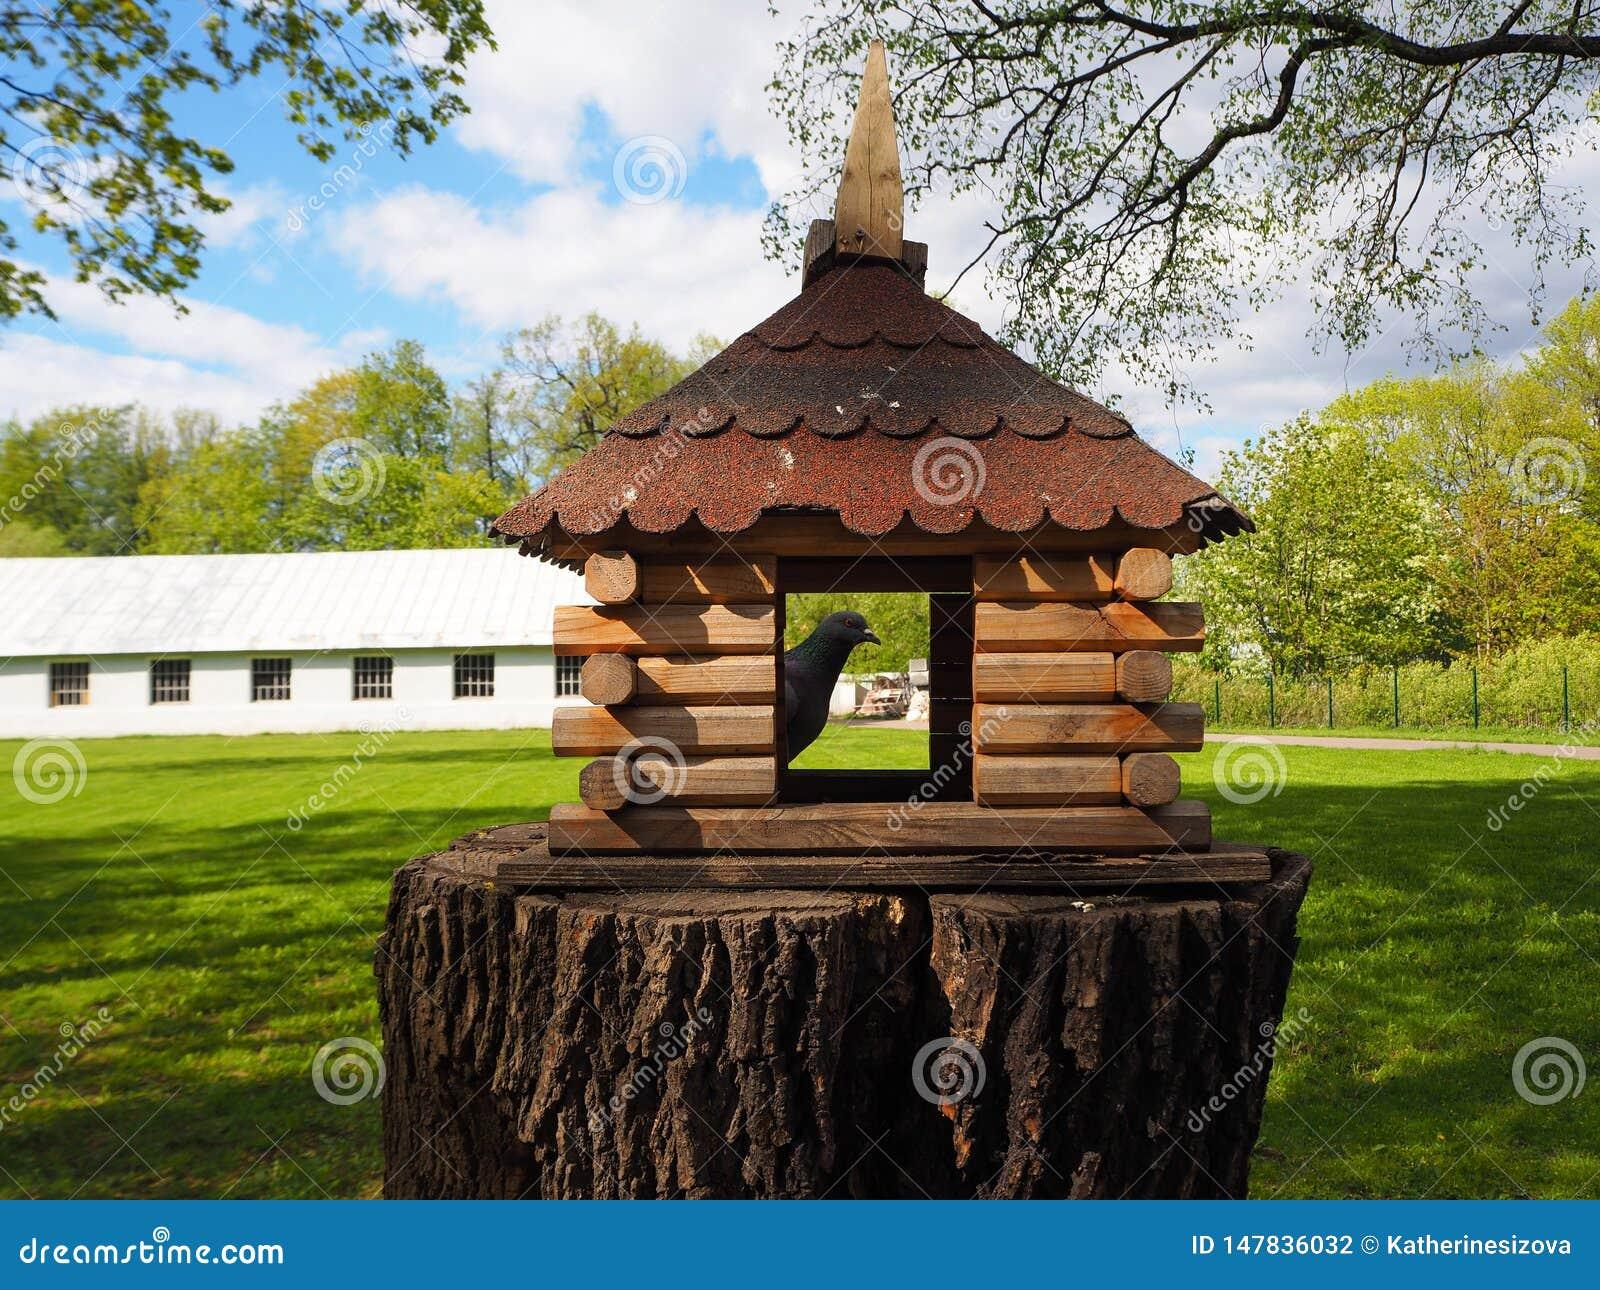 Aviario scolpito di legno su un ceppo di albero, un alimentatore per gli uccelli con un piccione in